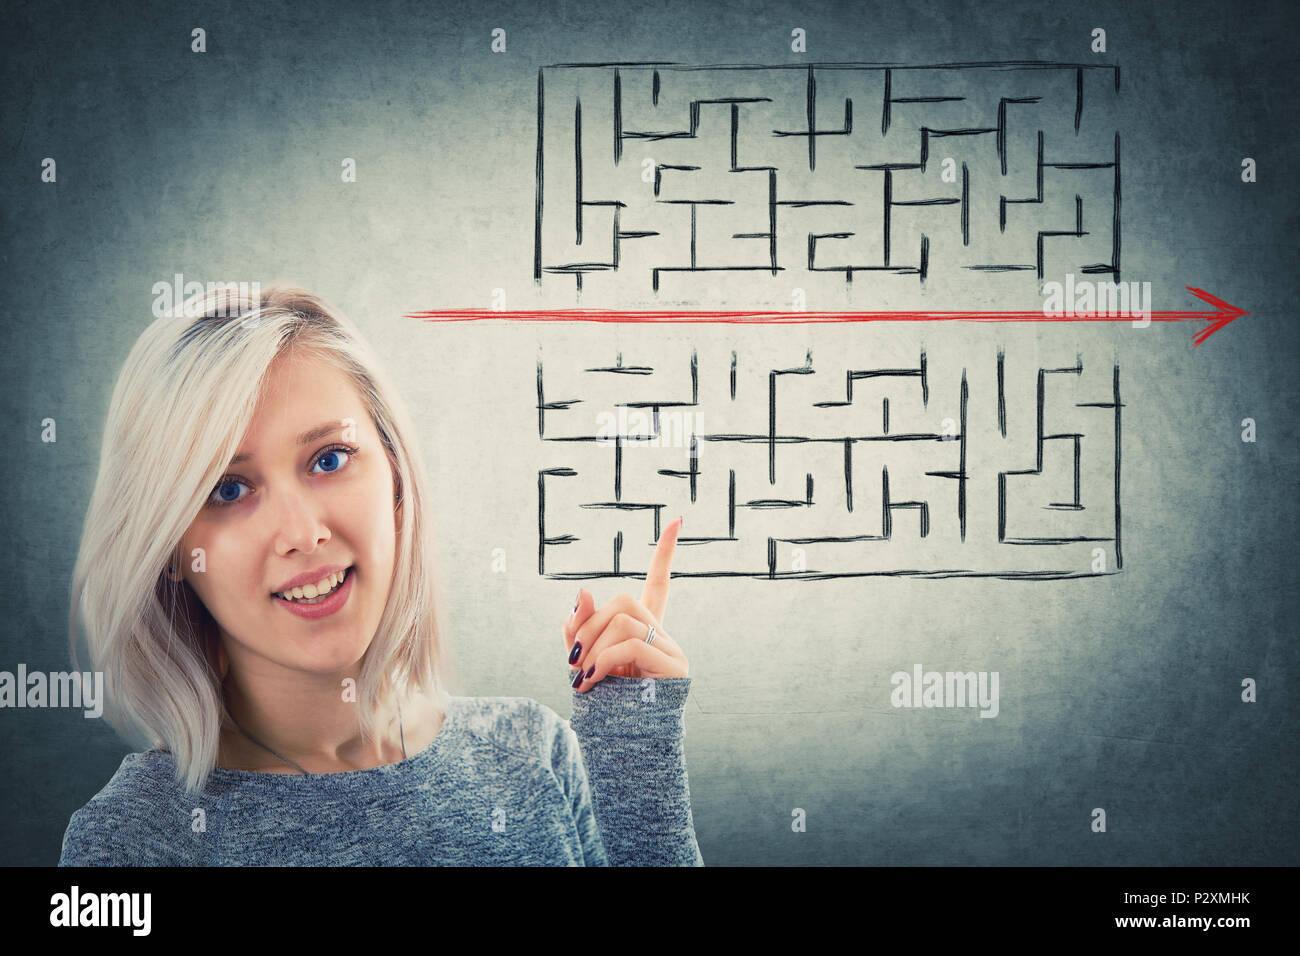 Close up ritratto di una donna perplesso puntando il dito che mostra una soluzione per sfuggire dal labirinto. Giovane imprenditrice di infrangere le regole, come un Immagini Stock